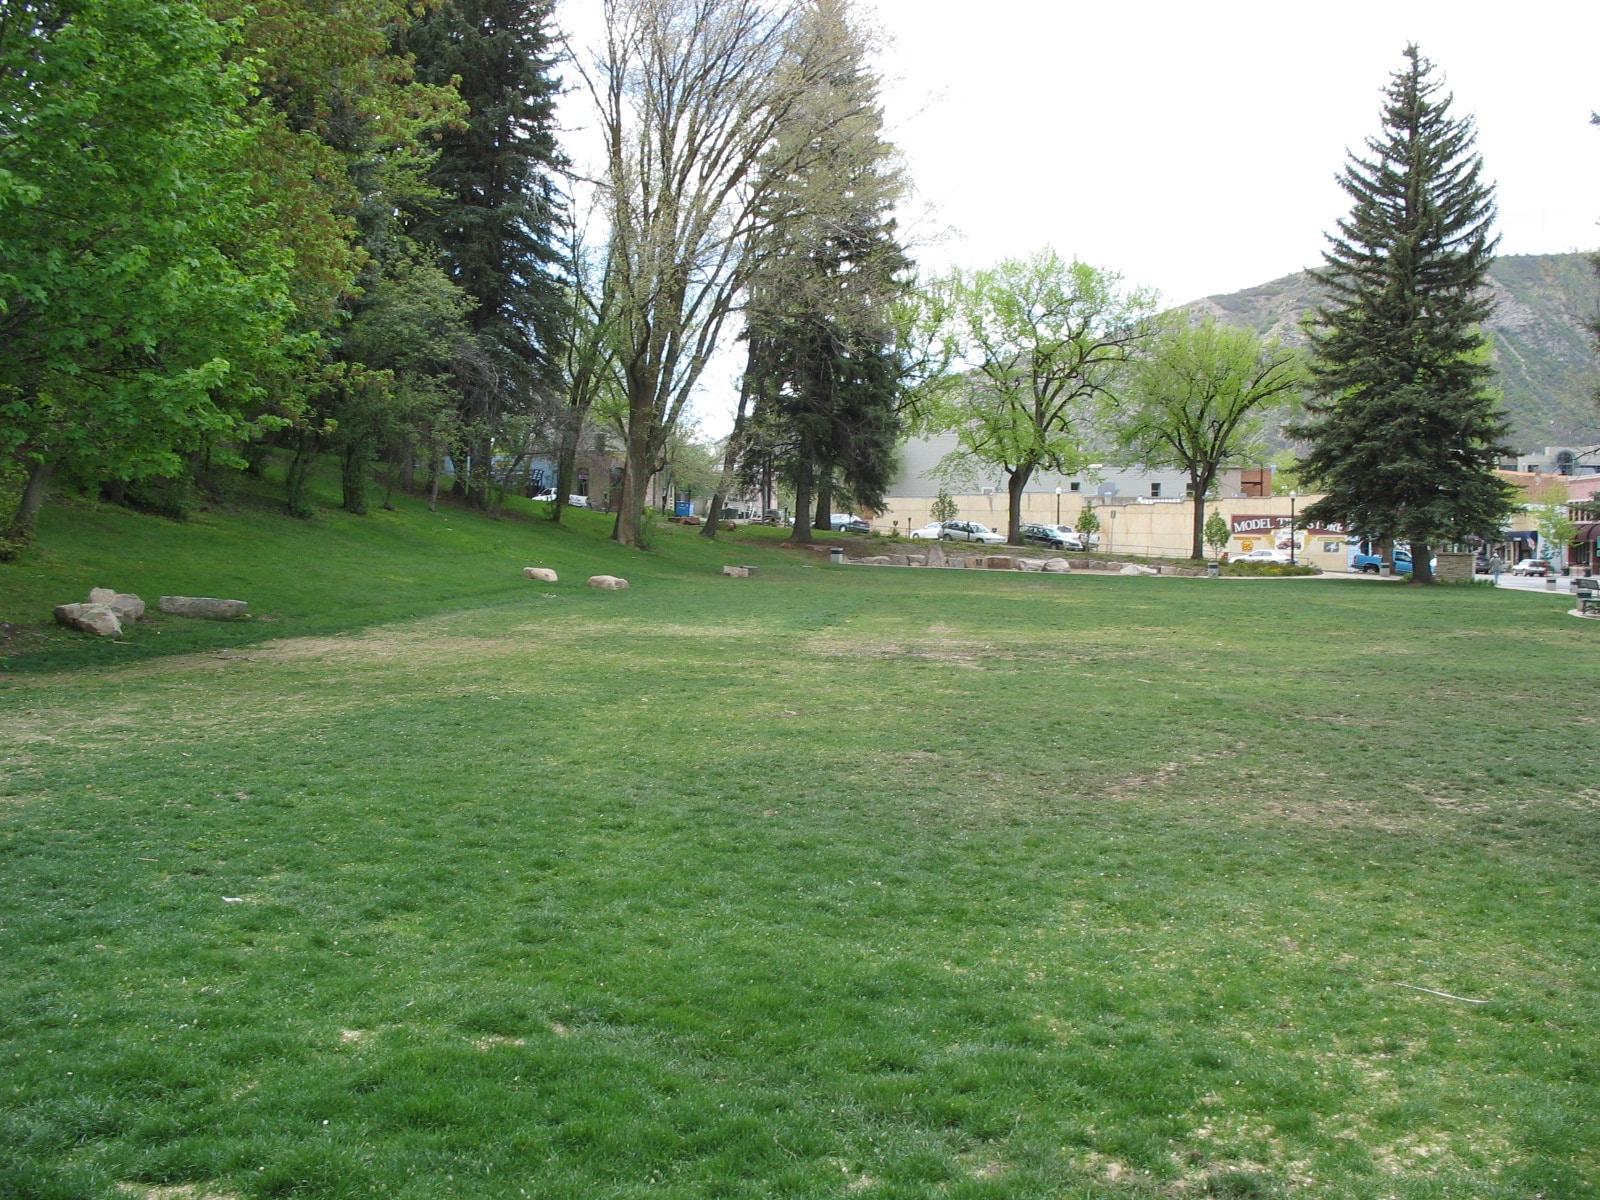 Image of Buckley Park in Durango, Colorado